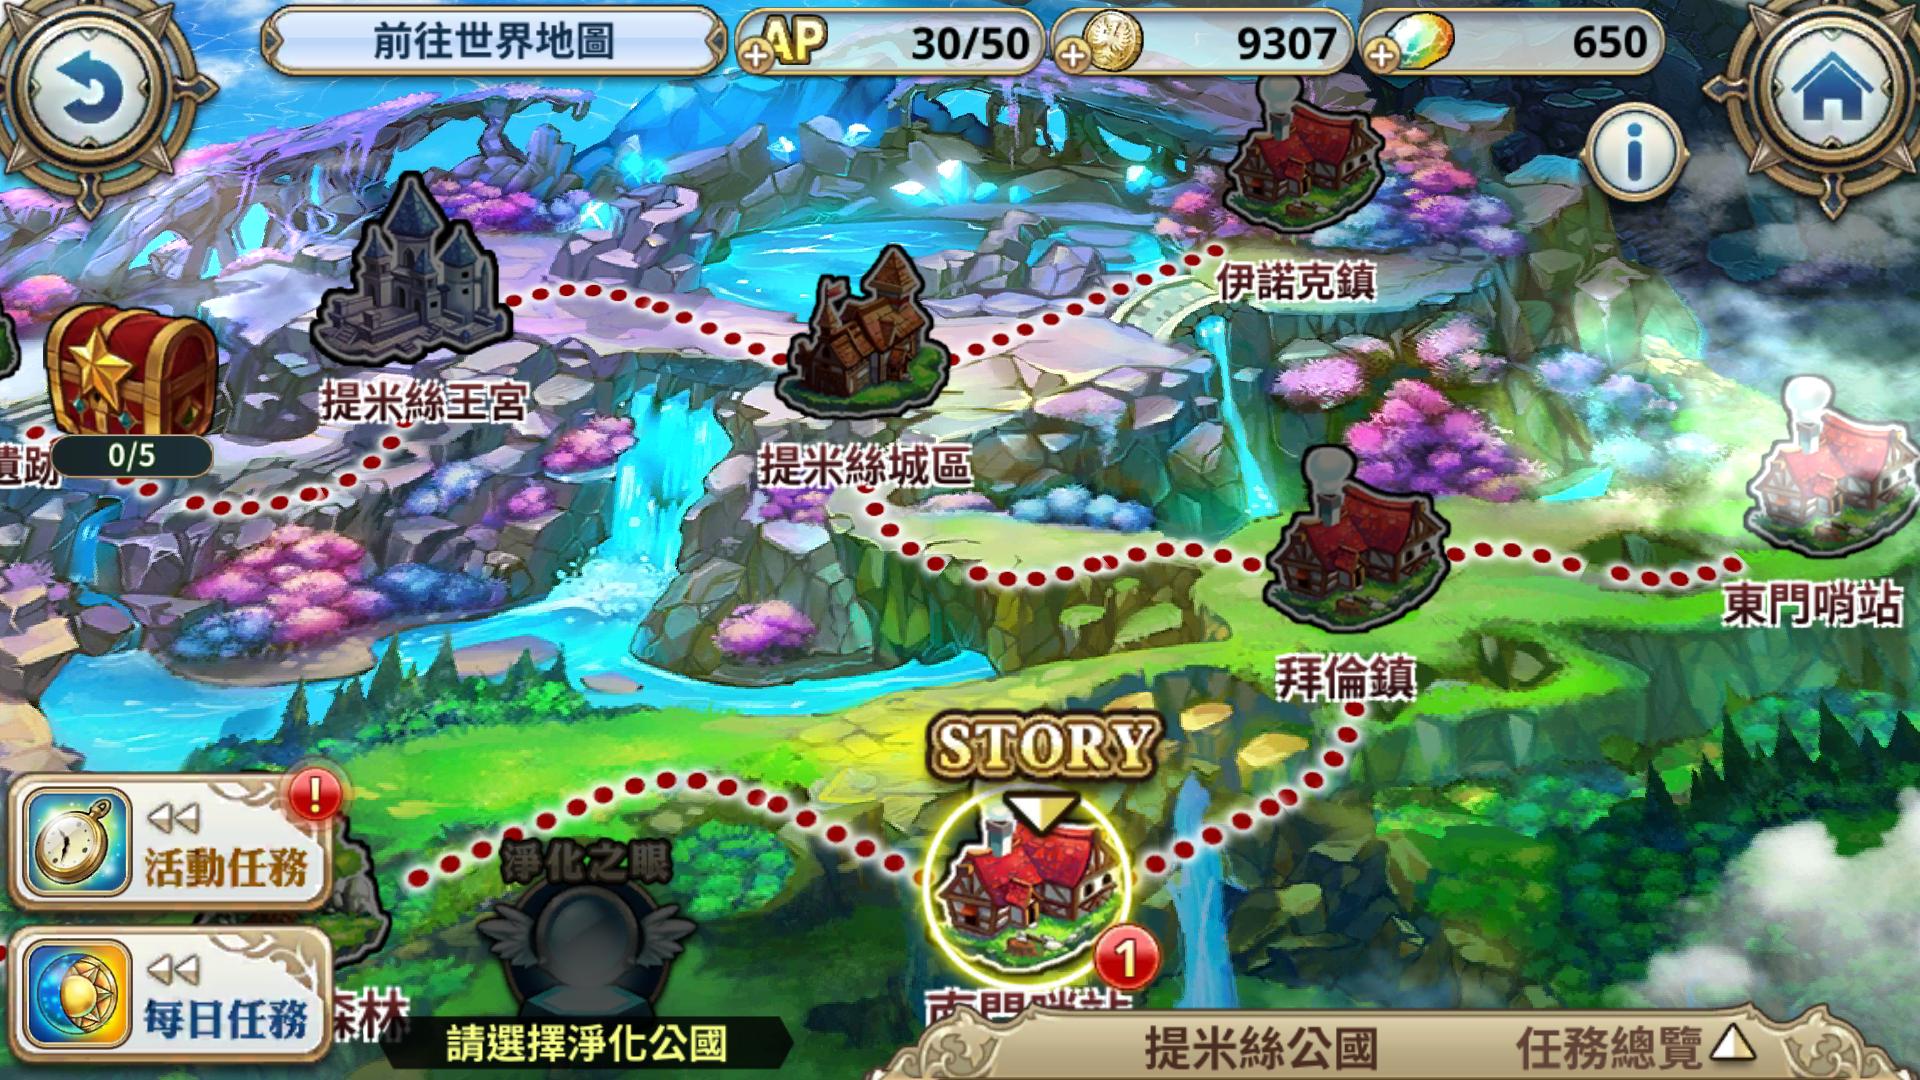 遊戲的教學引導很陽春 連關卡地圖的指引都沒有...